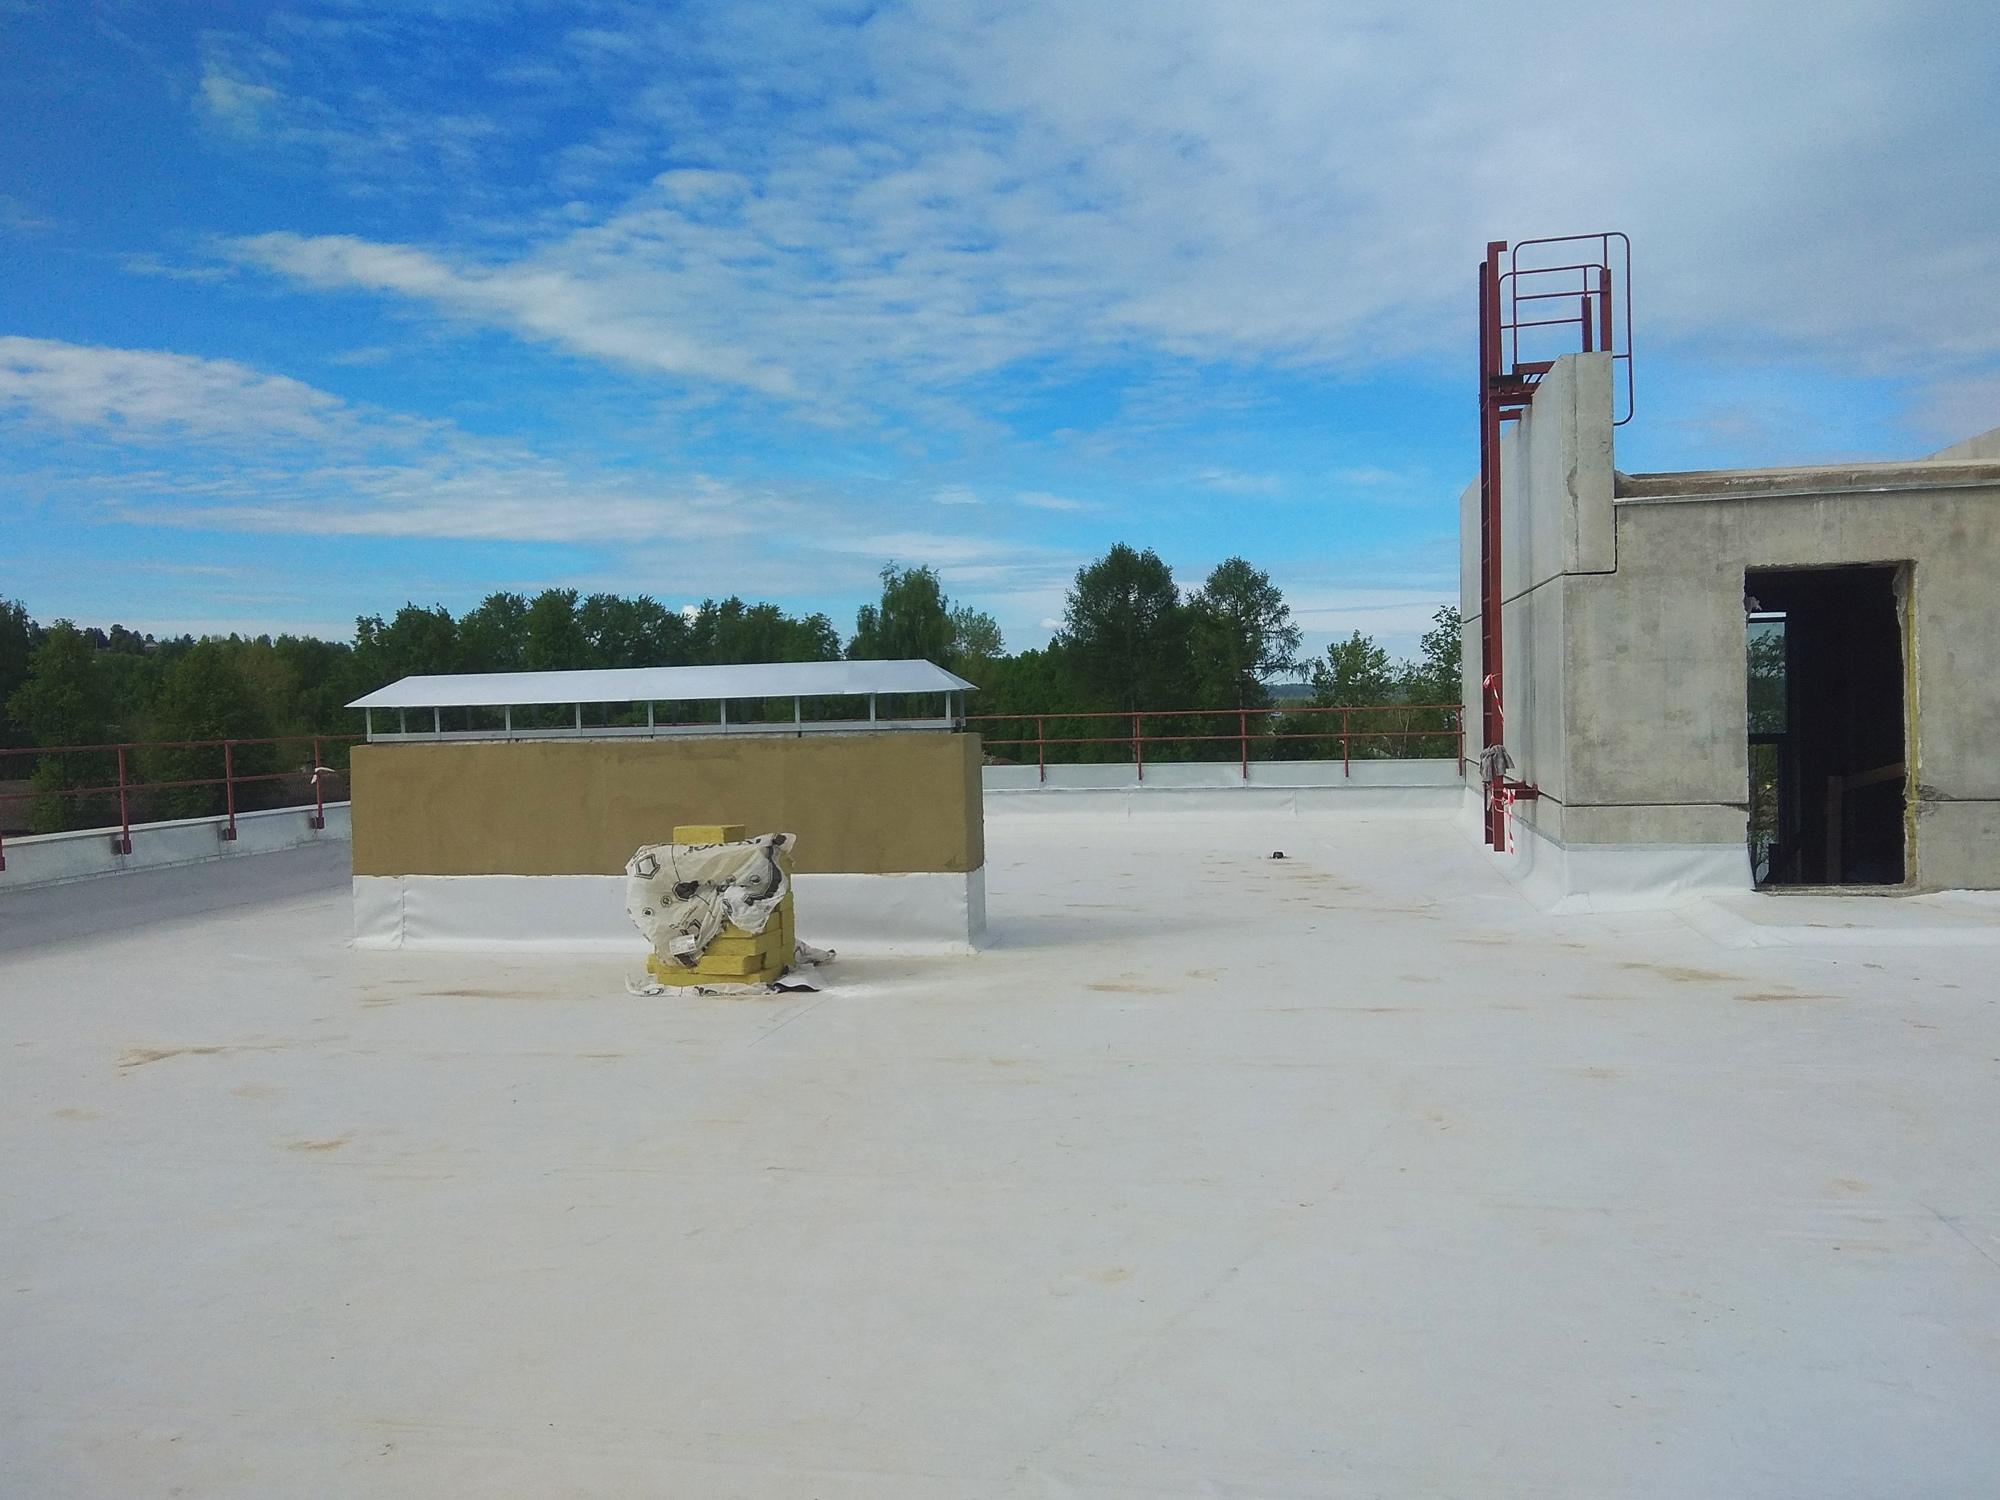 школа в Сайгатке, чайковский район, 2020 год